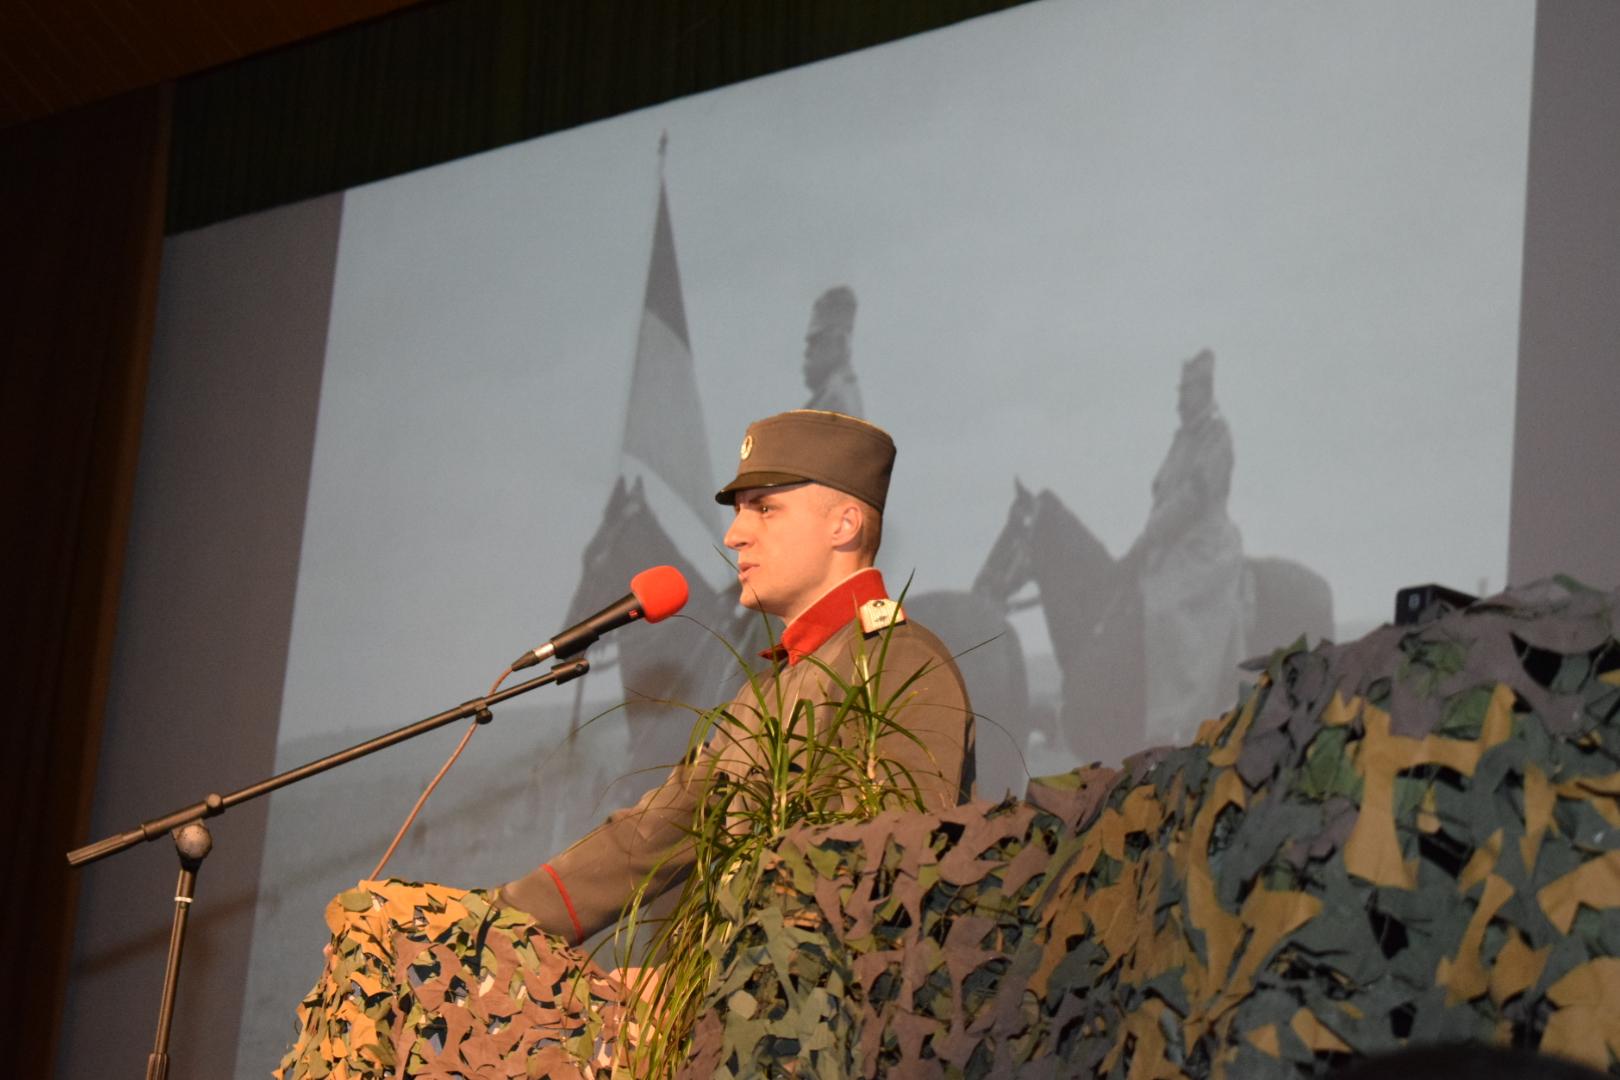 На Војној академији обележен Дан примирја у Првом светском рату